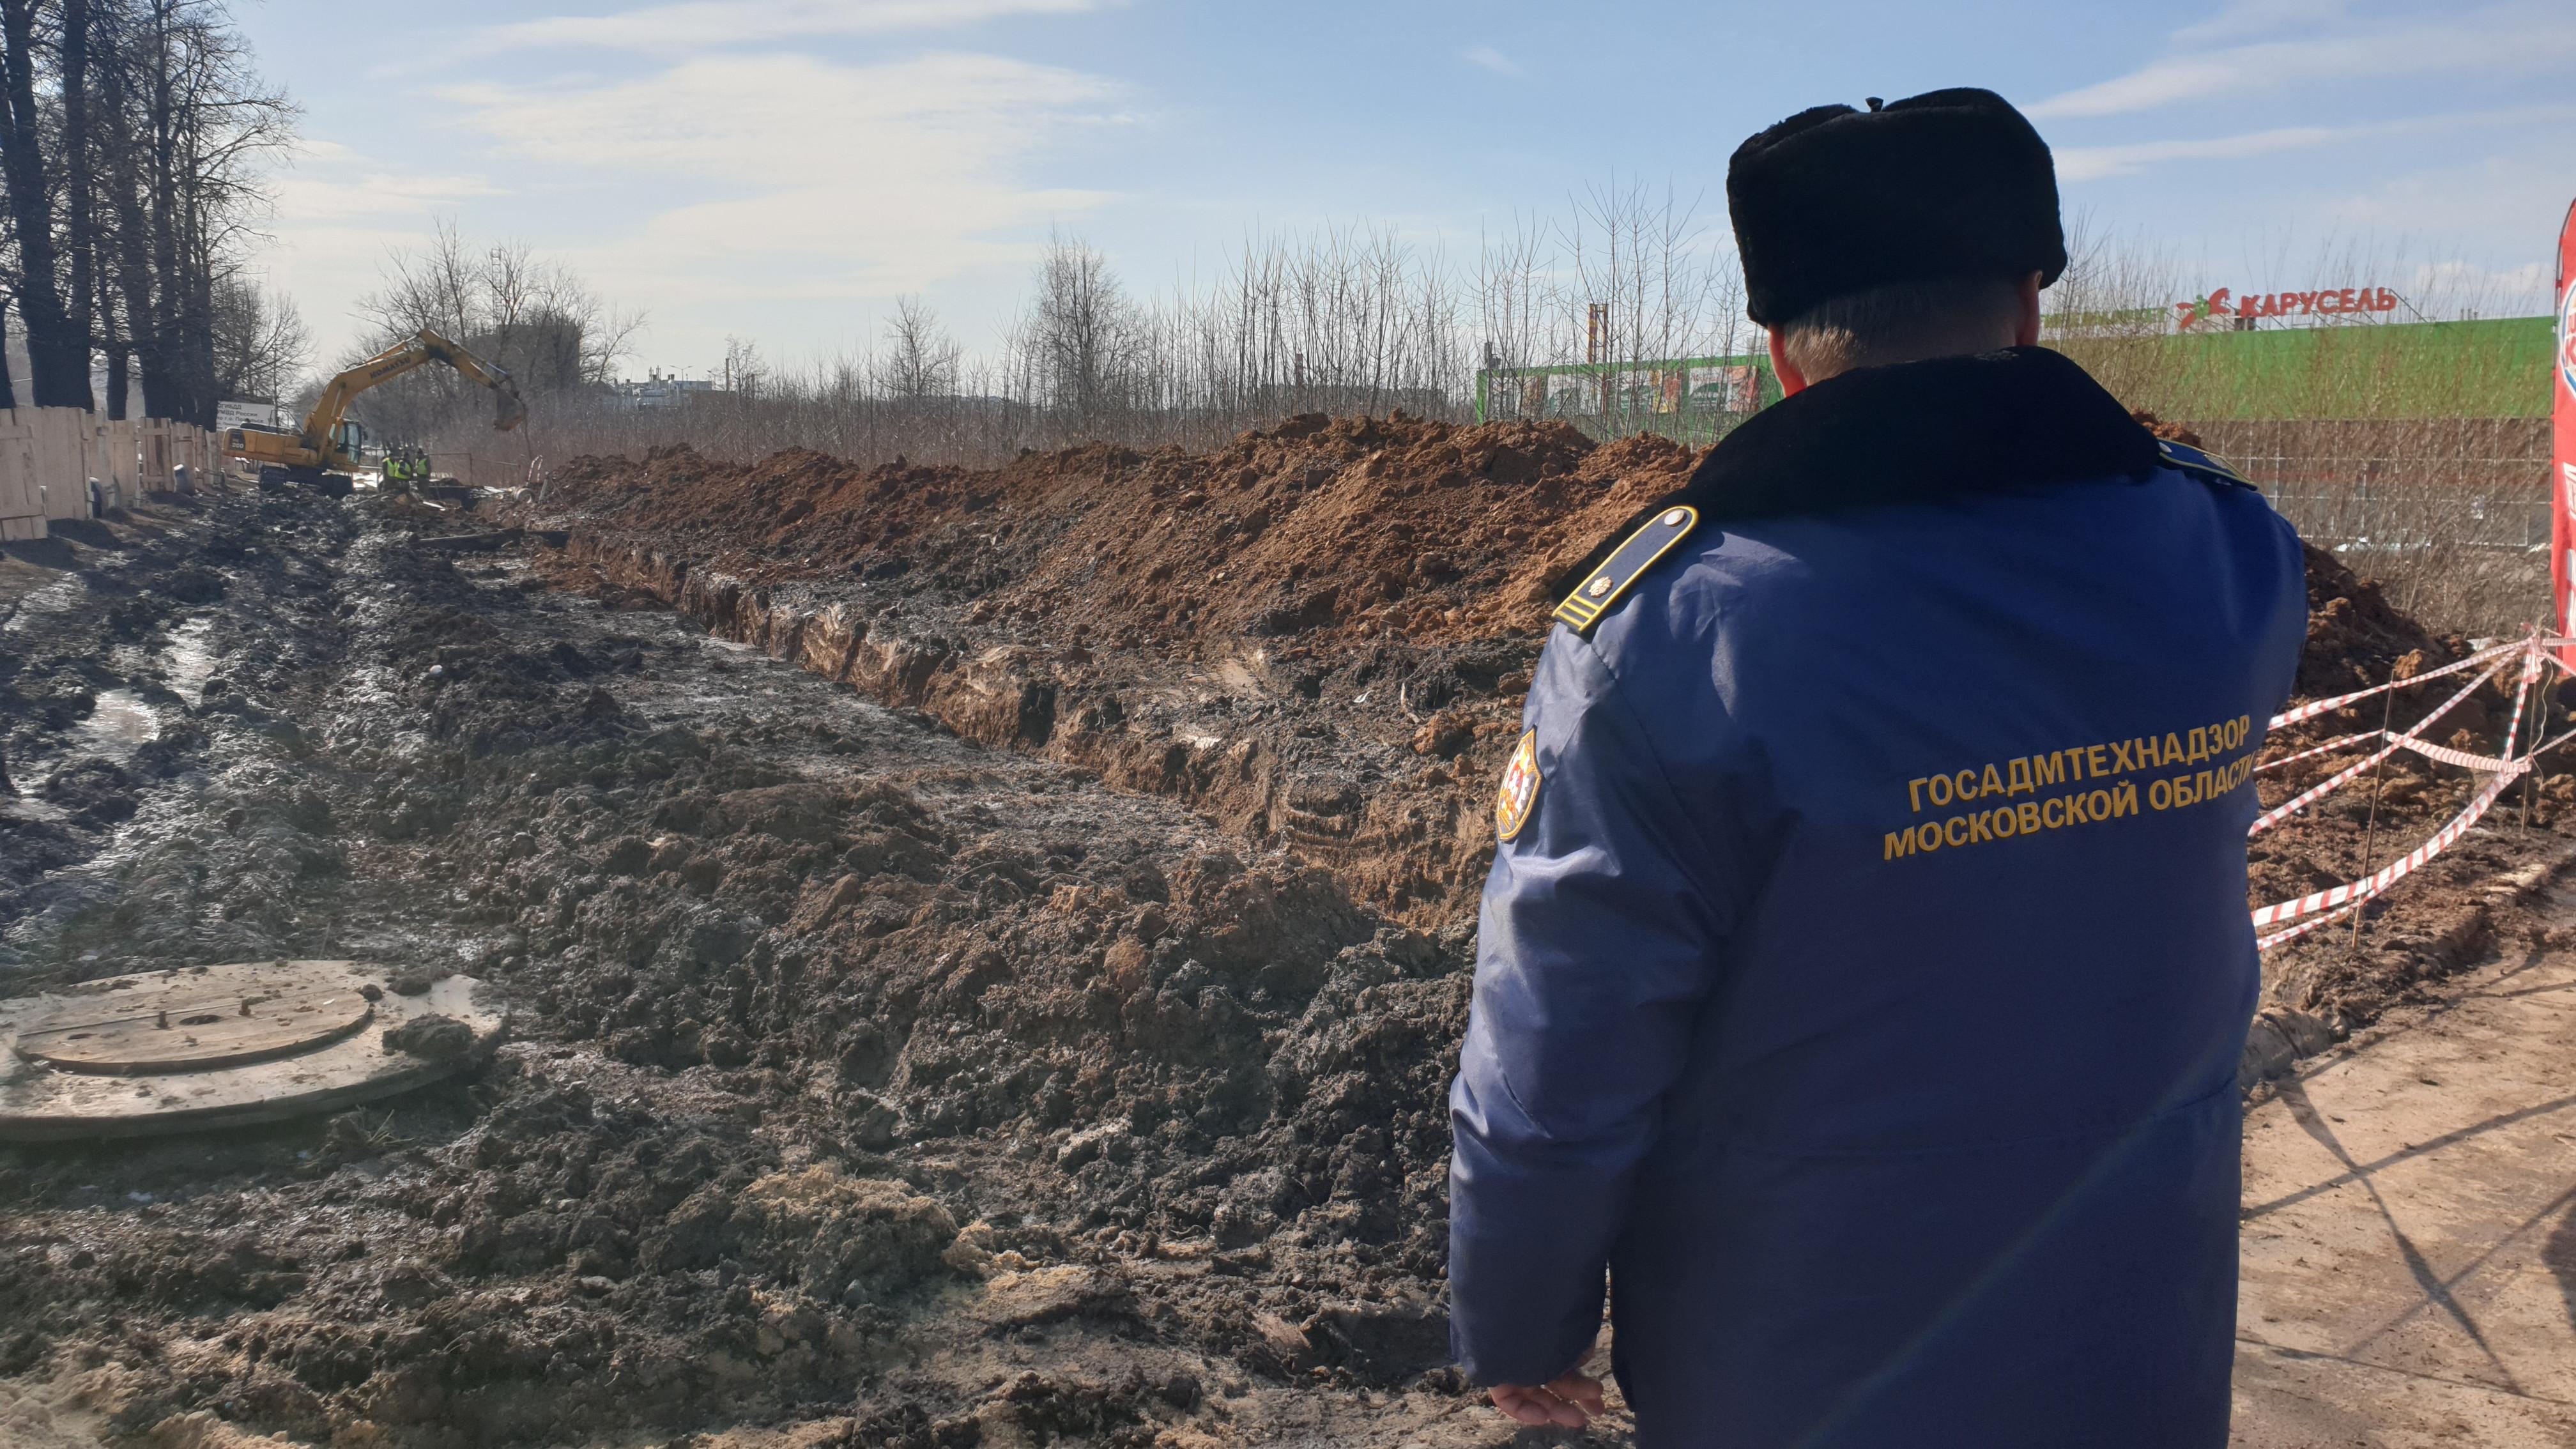 Более 600 проверок произведенных в регионе земляных работ выполнил Госадмтехнадзор